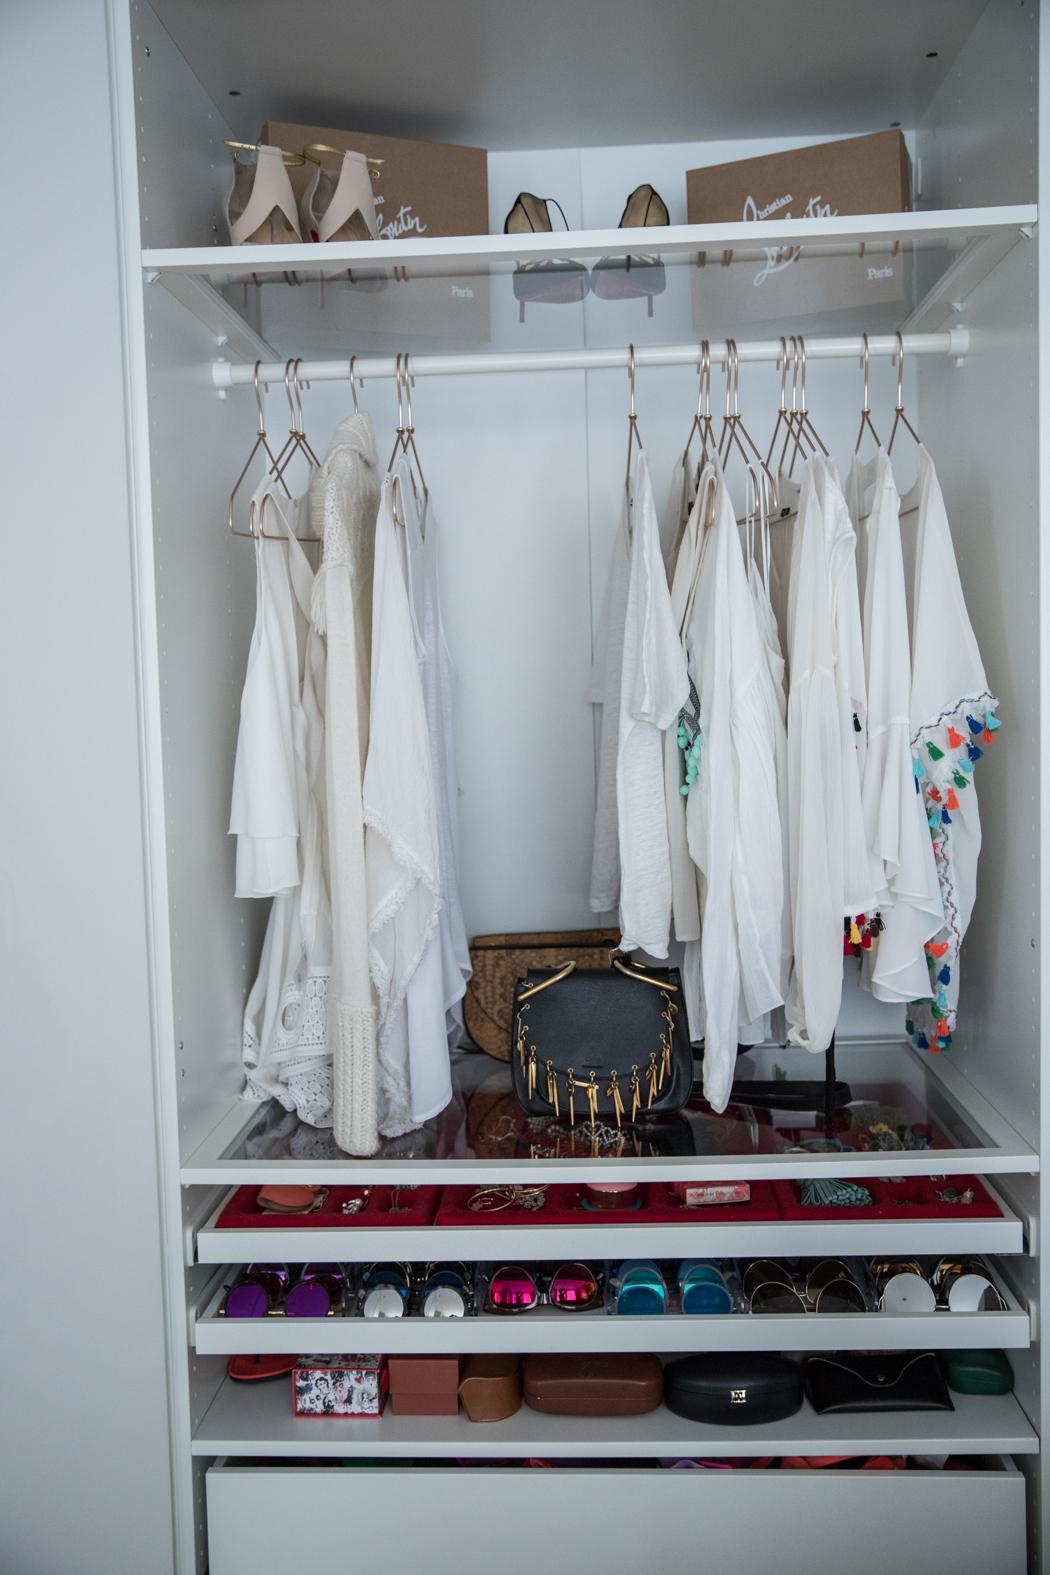 Lifestyle-Lifestyleblog-Blog-Blogger-Muenchen-Deutschland-Interior-Interieur-Schlafzimmer-begehbarer_Kleiderschrank-Lindarella-Schlafzimmer-Ankleidezimmer-2